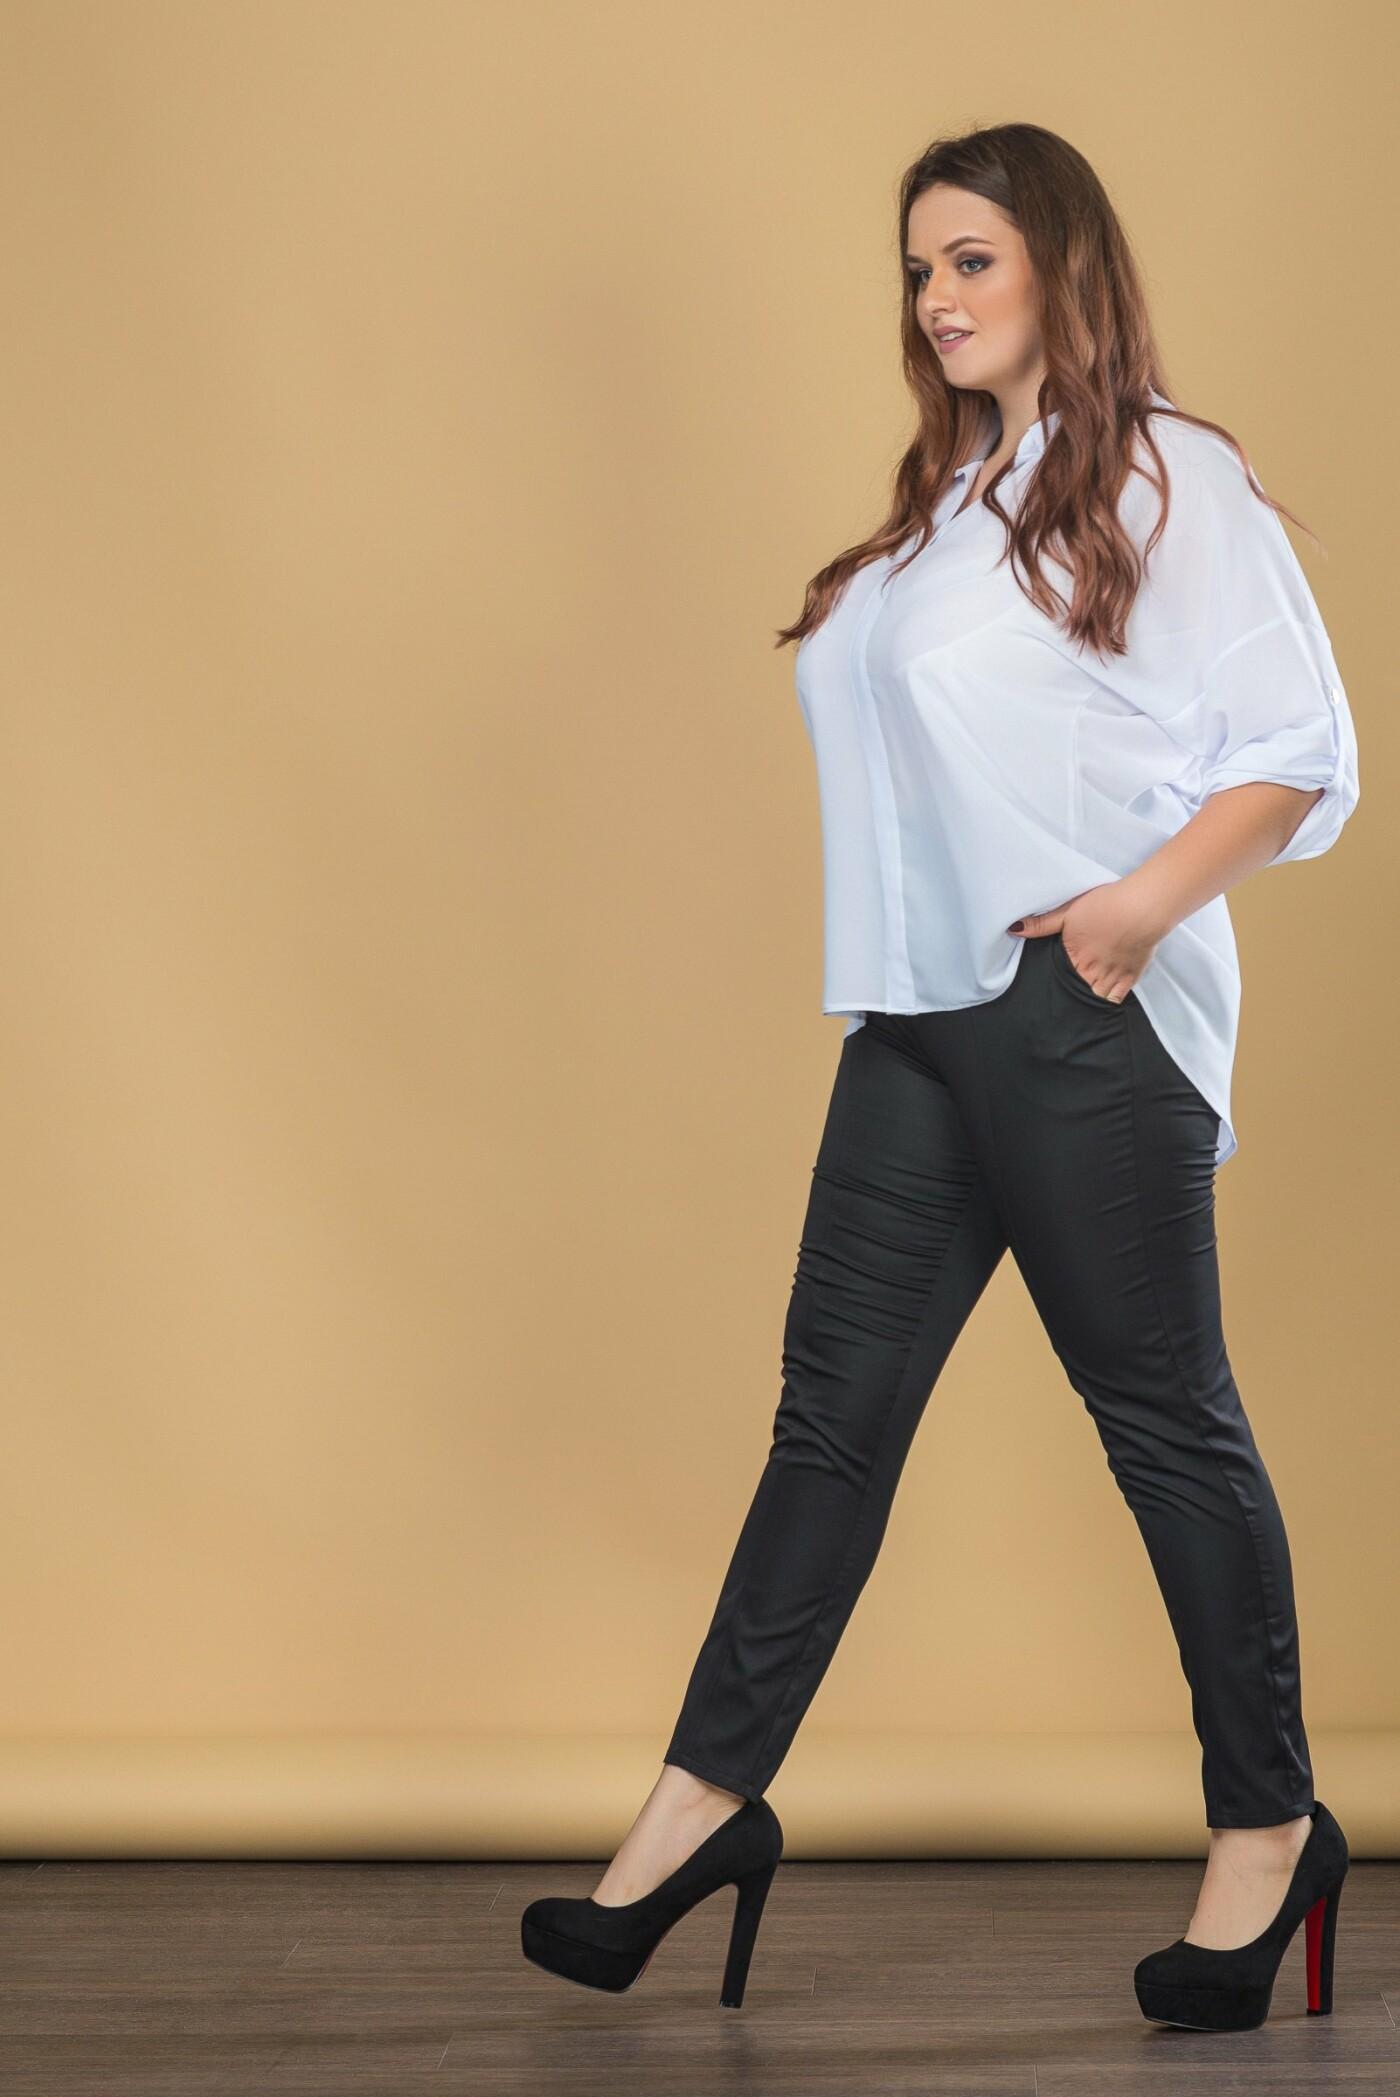 Реклама нижнего белья вместо комплексов из-за фигуры. Как харьковчанка стала моделью plus size, - ФОТО, фото-7